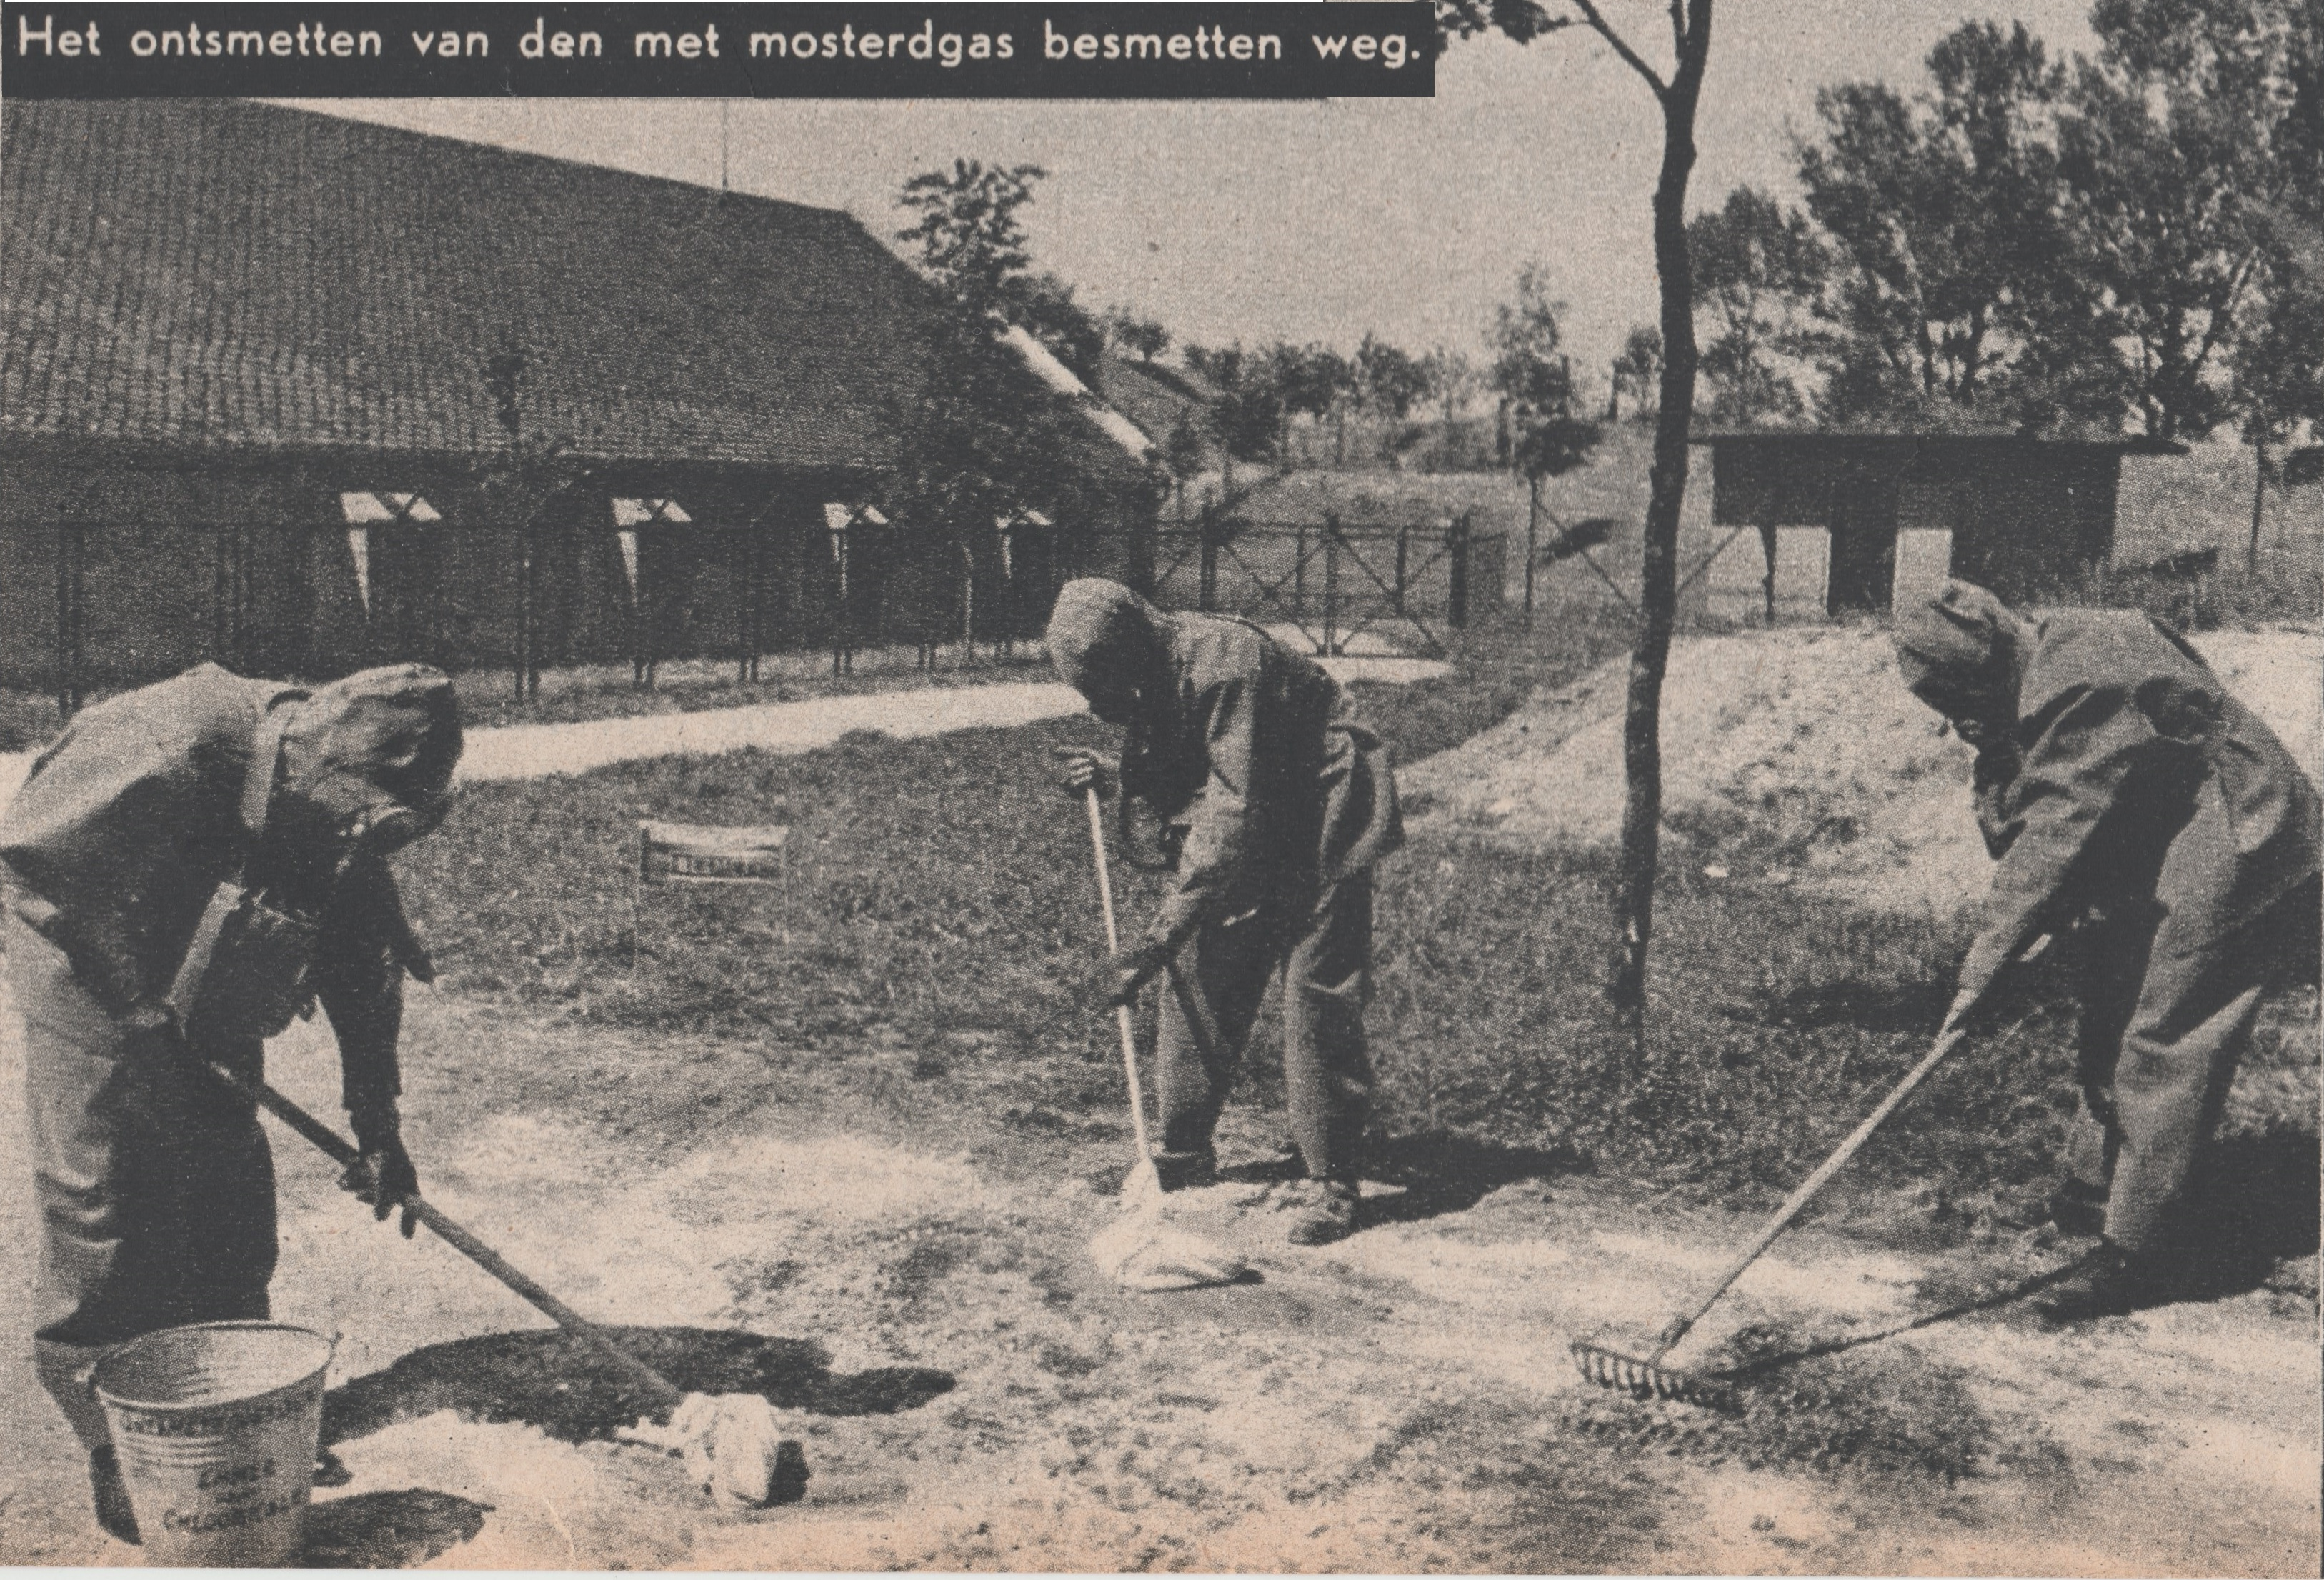 Gorinchem 1939 - Het ontsmetten van den met mosterdgas besmetten weg